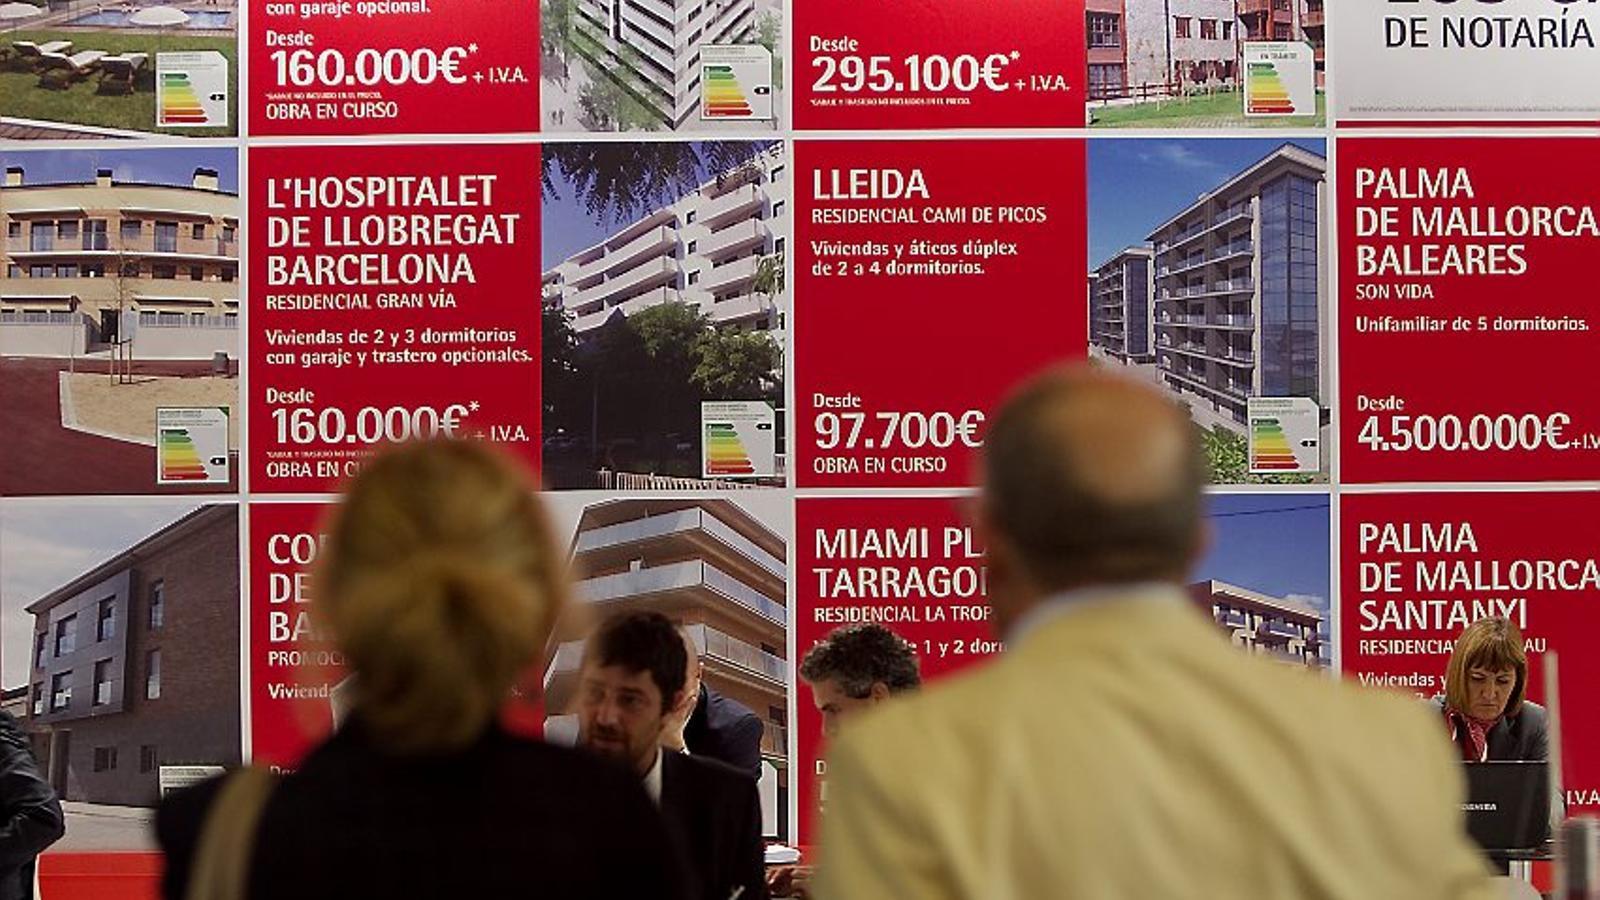 Les hipoteques es van desplomar al juny, quan va entrar en vigor la nova llei